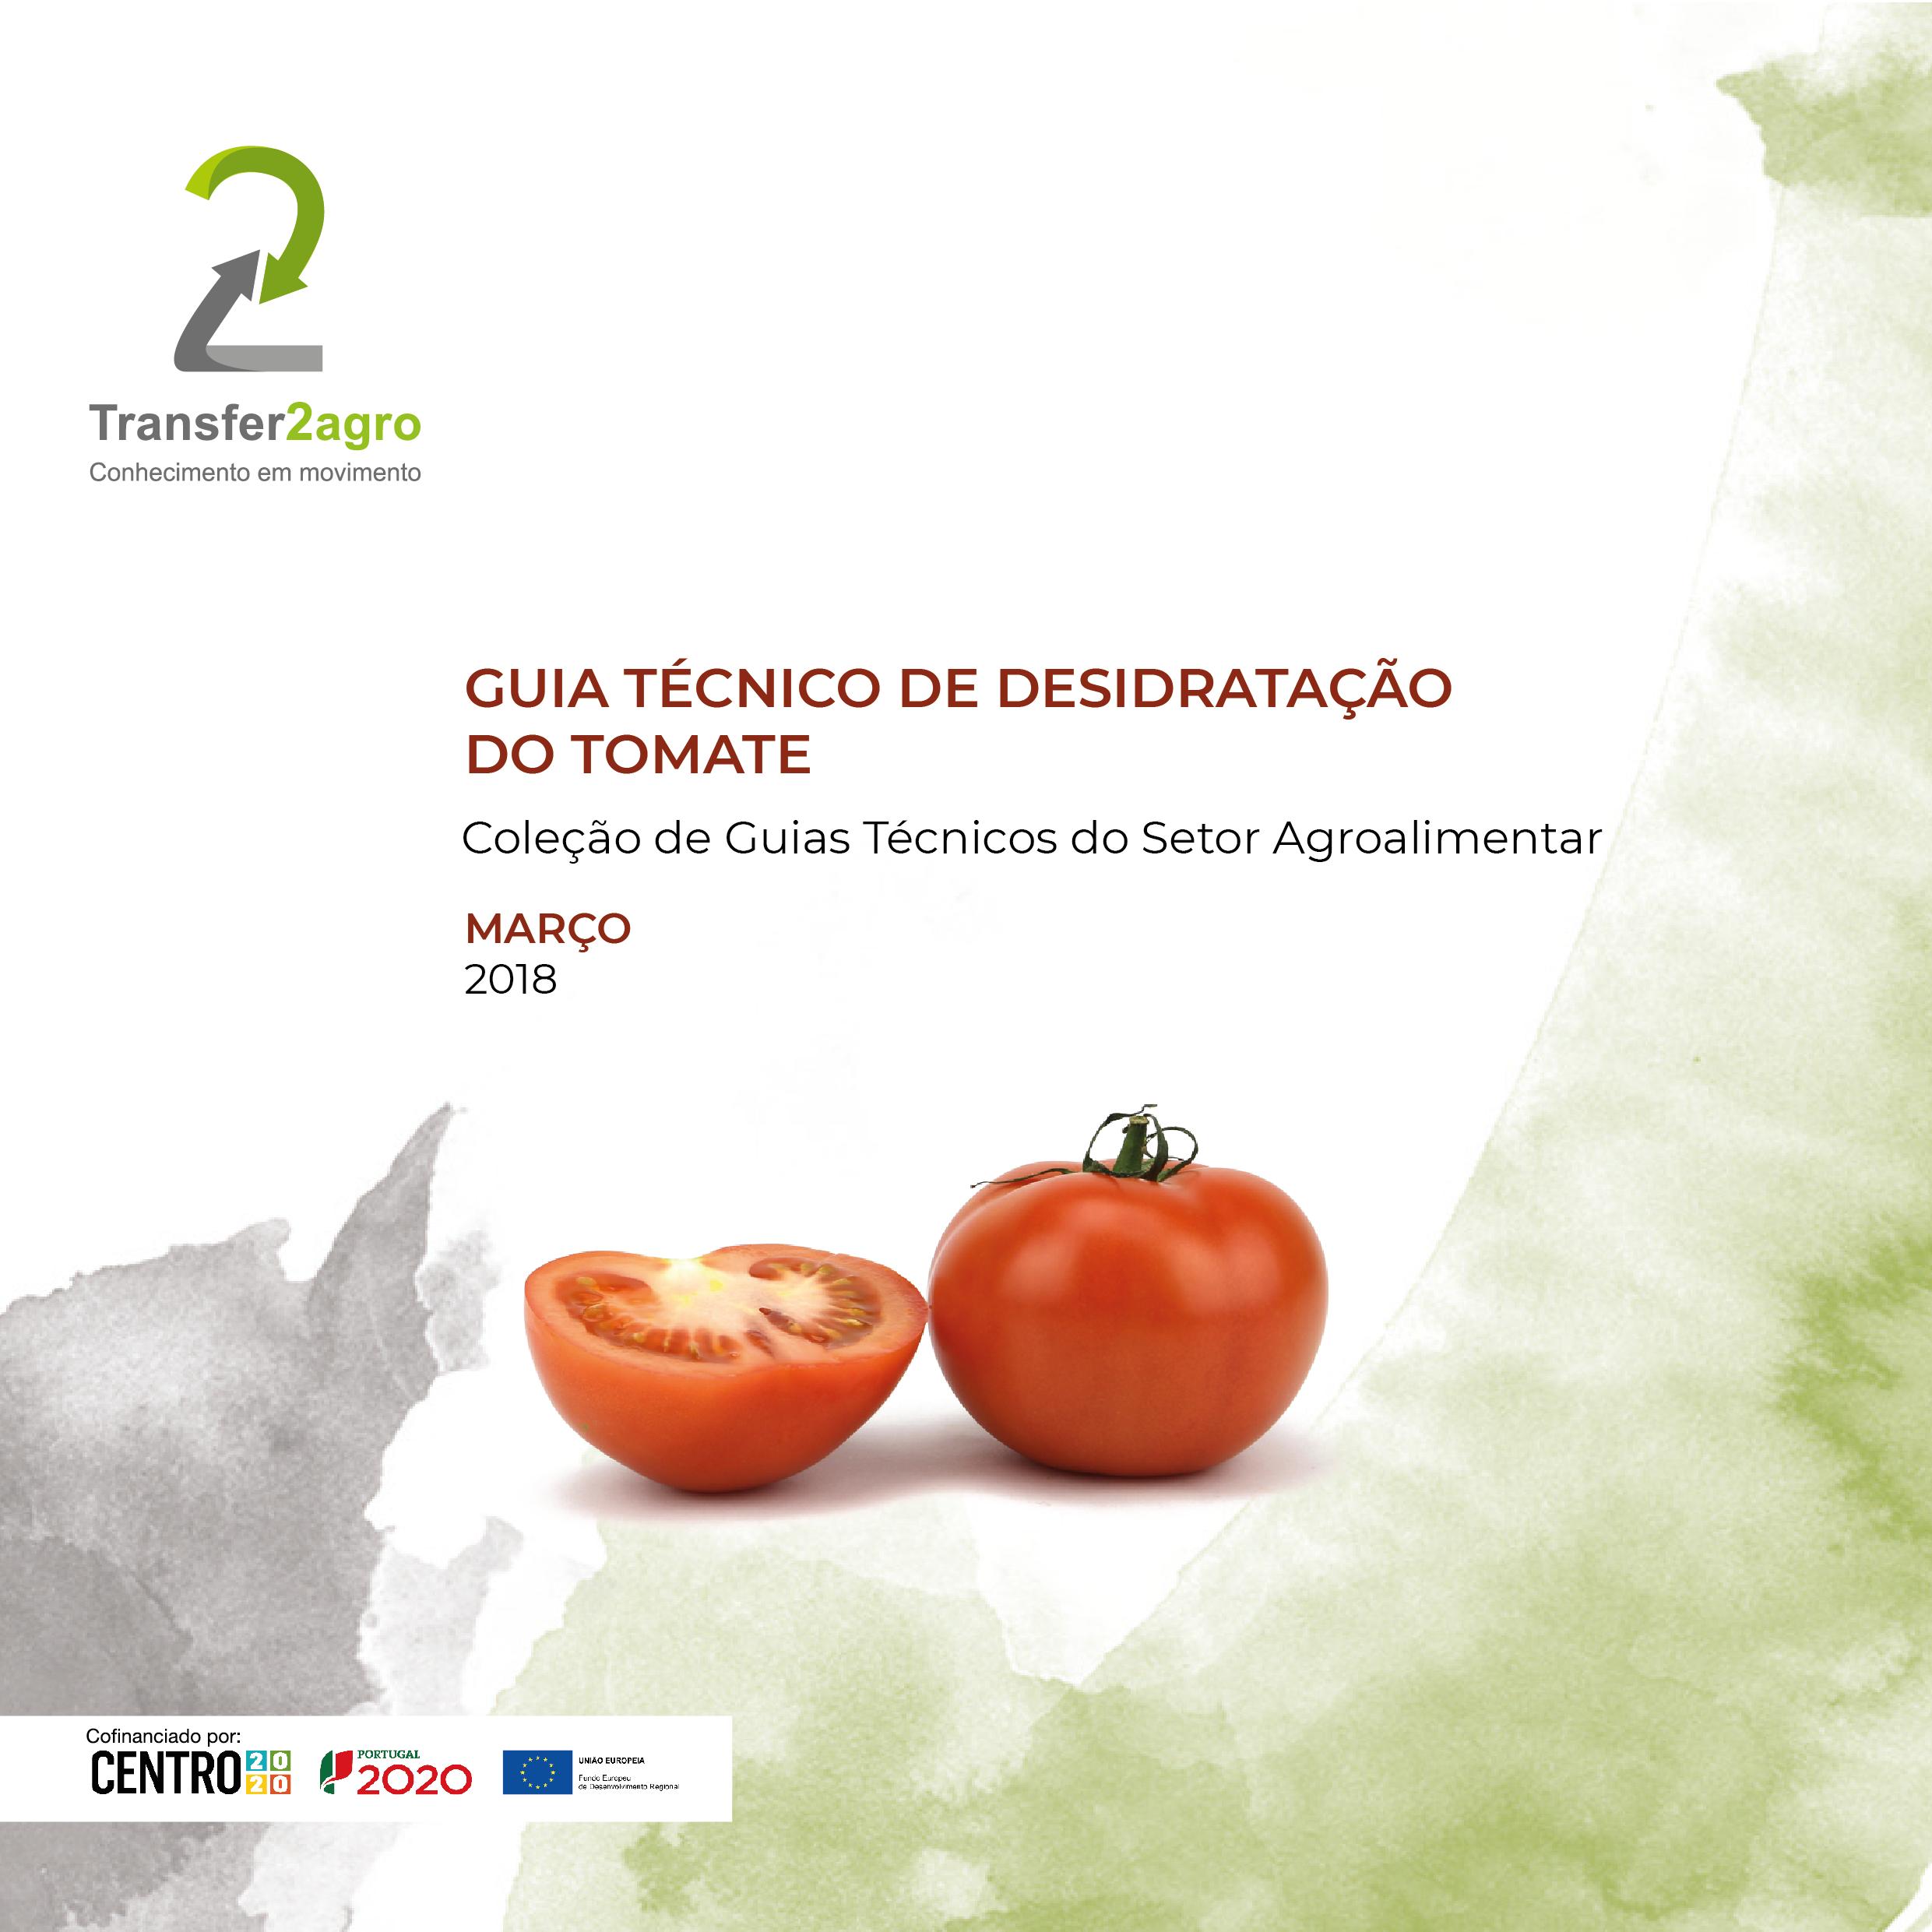 Guia Técnico de Desidratação de Tomate